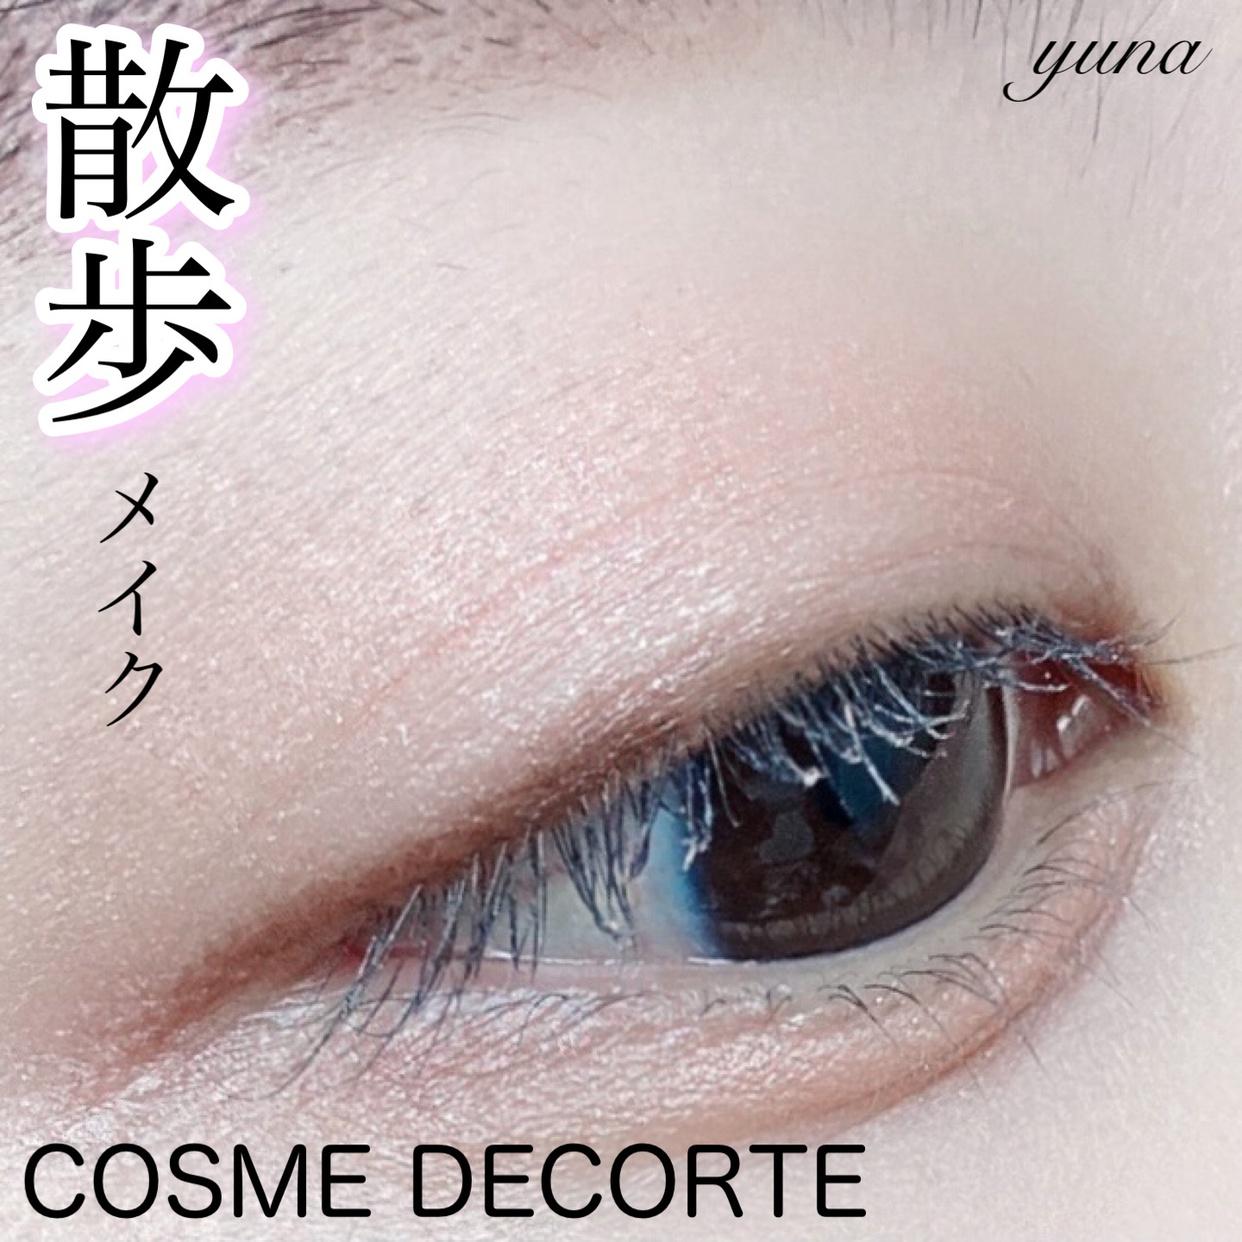 DECORTÉ(コスメデコルテ)アイグロウ ジェムを使ったyunaさんのクチコミ画像